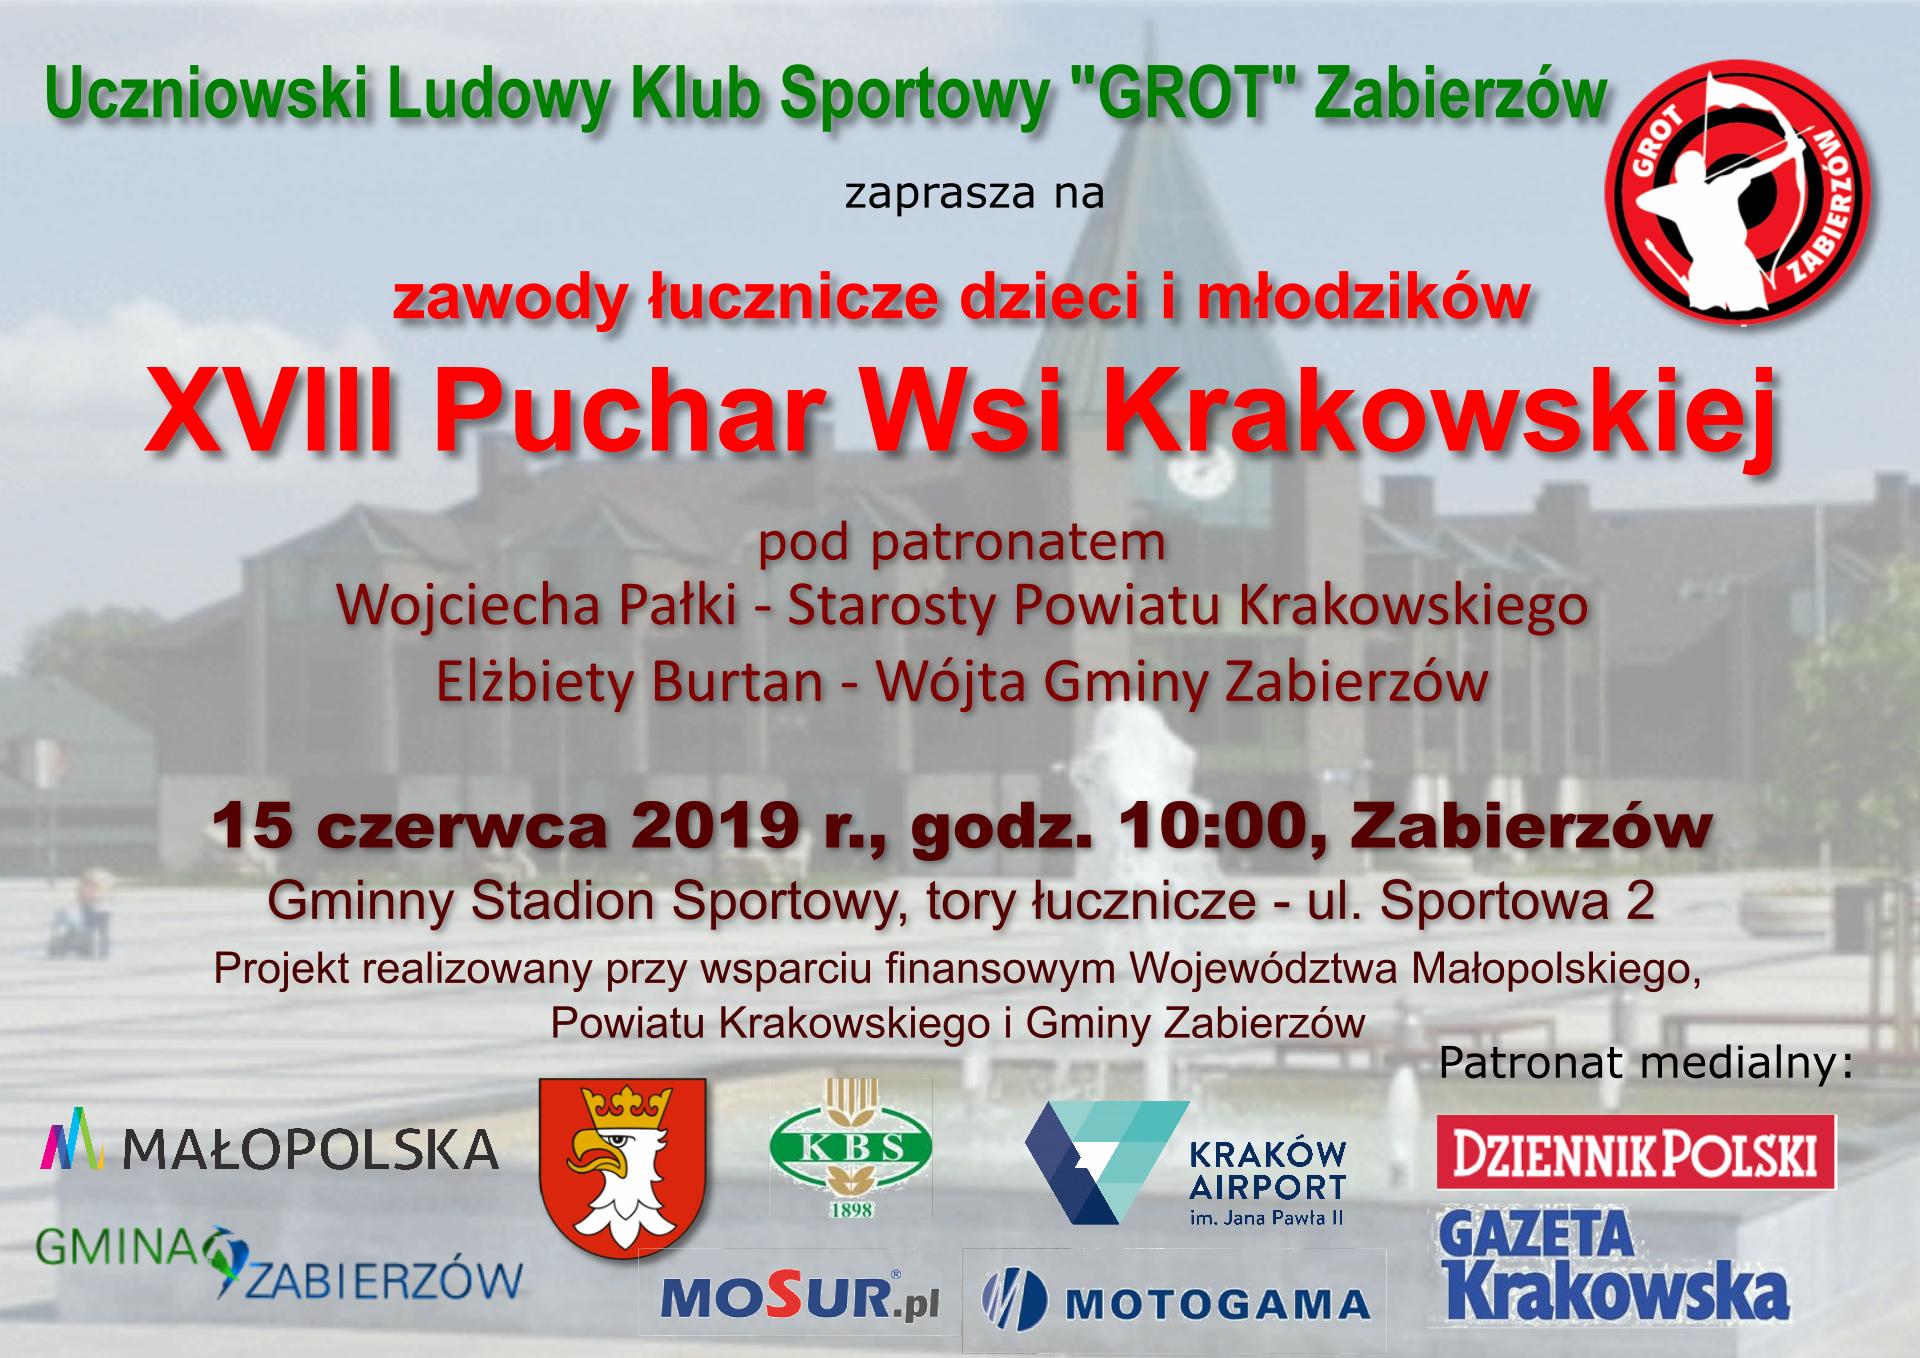 XVIII Puchar Wsi Krakowskiej